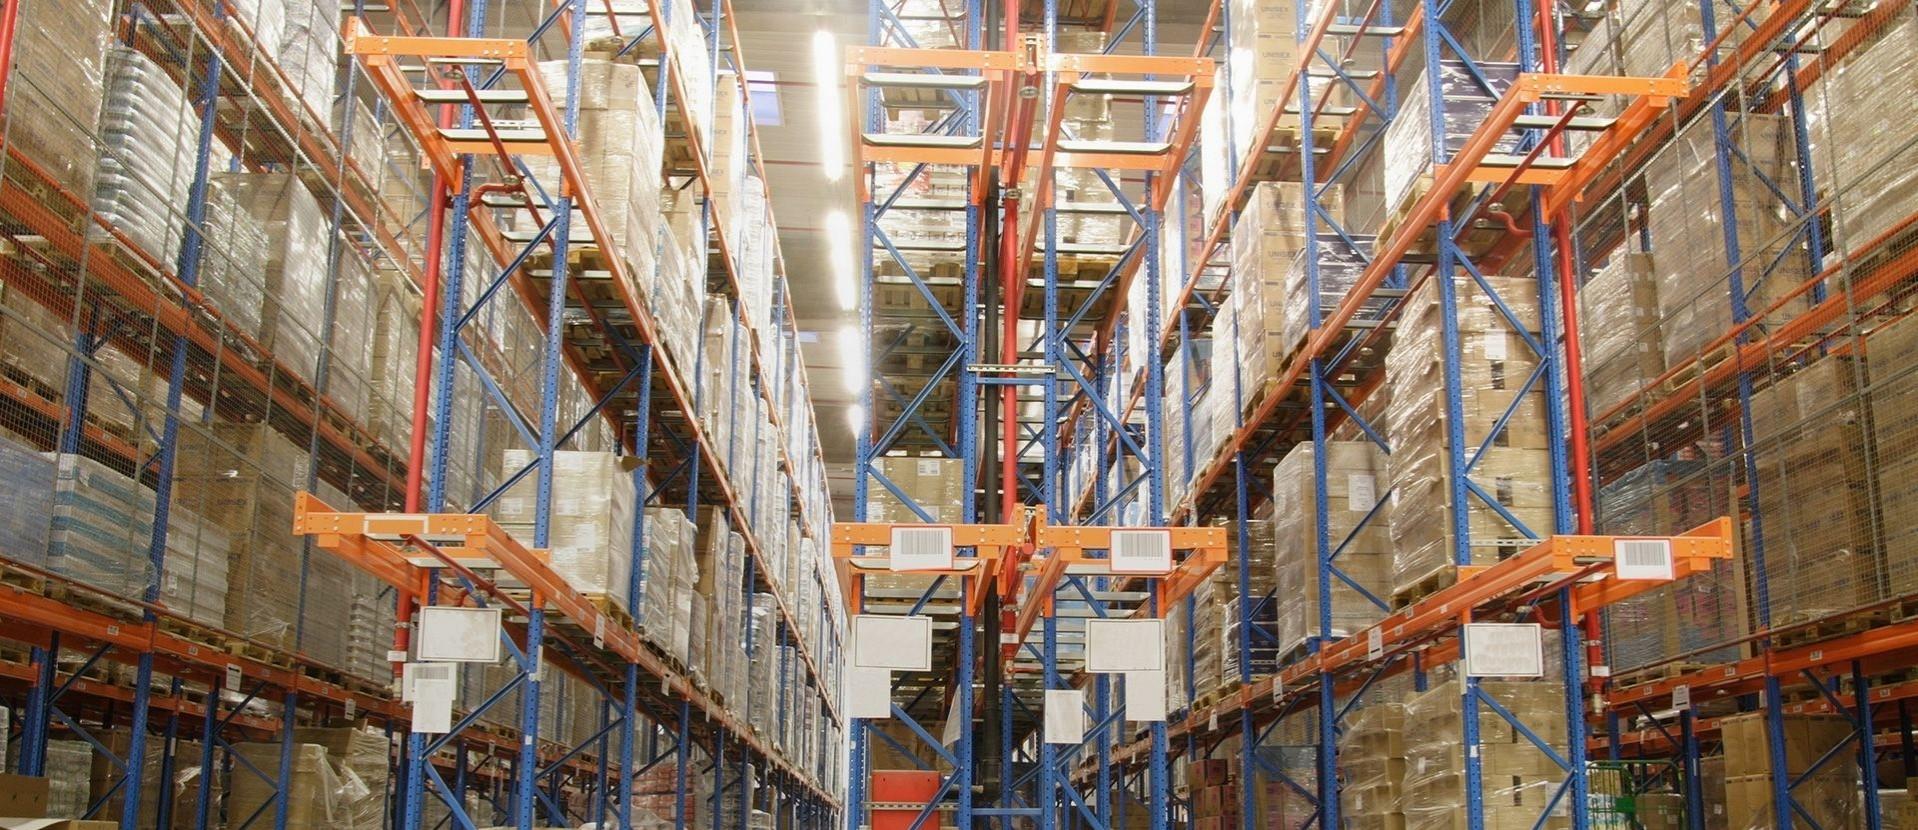 Iluminación de espacios  industriales y almacenes